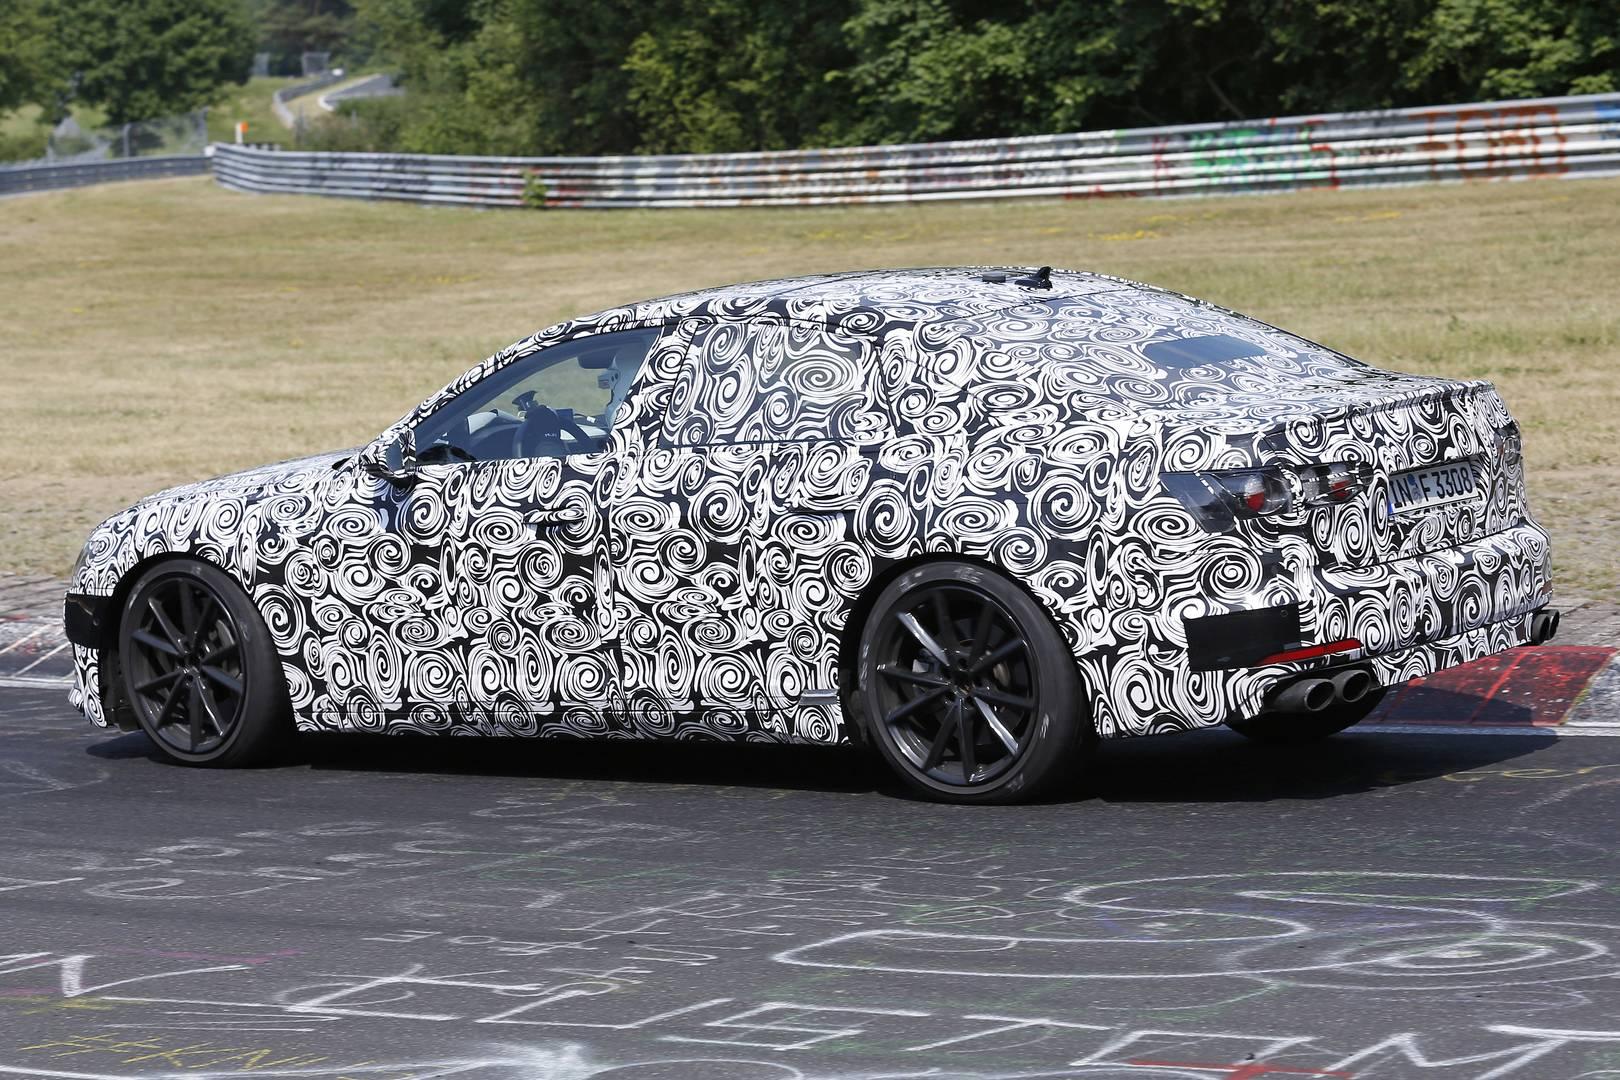 Нынешний S6 производит 450 л.с. от его 4-литрового твин турбо V8. Вероятно, эта цифра будет увеличиваться.